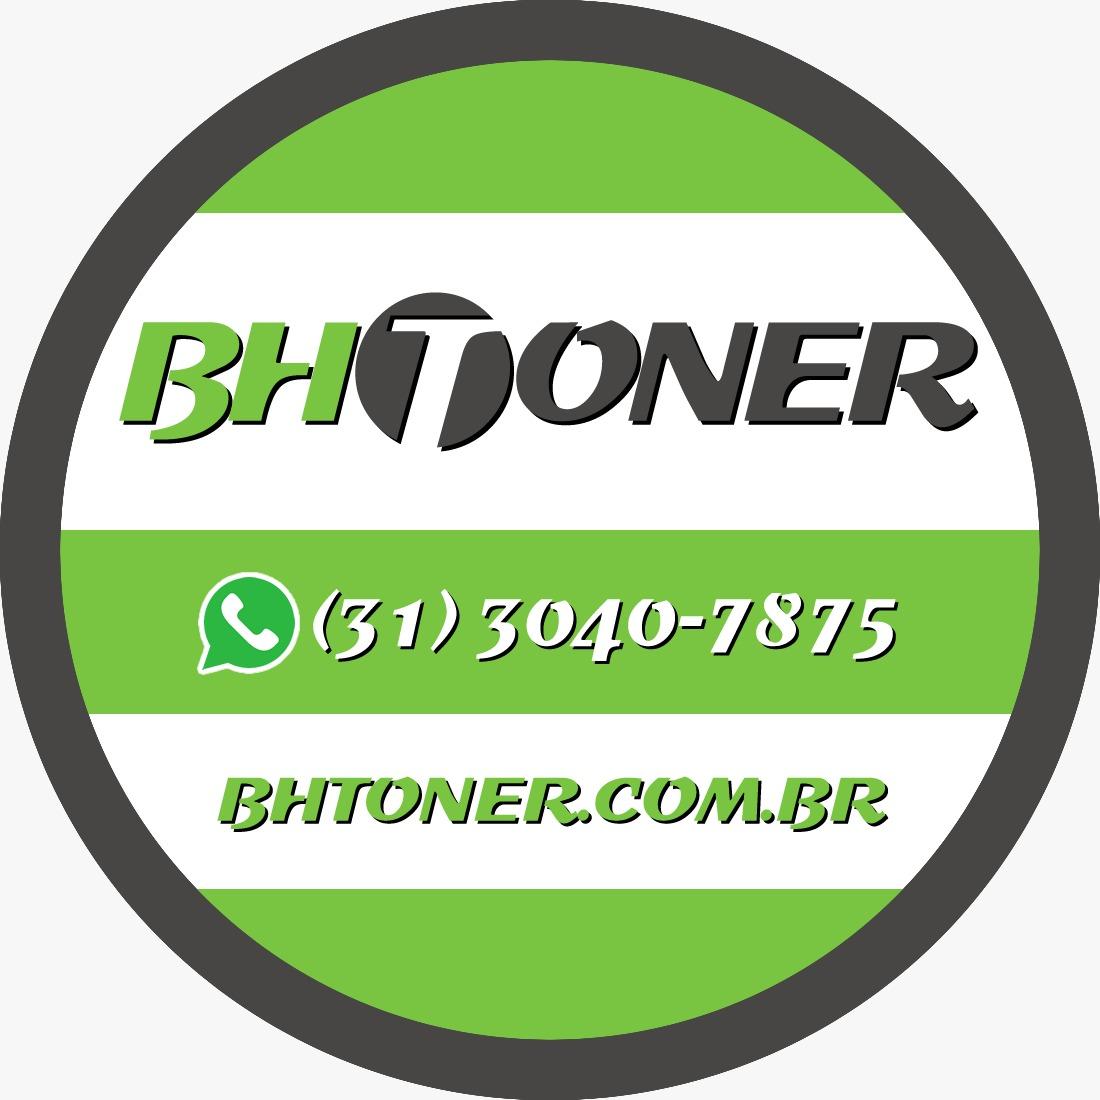 Somos a BH Toner